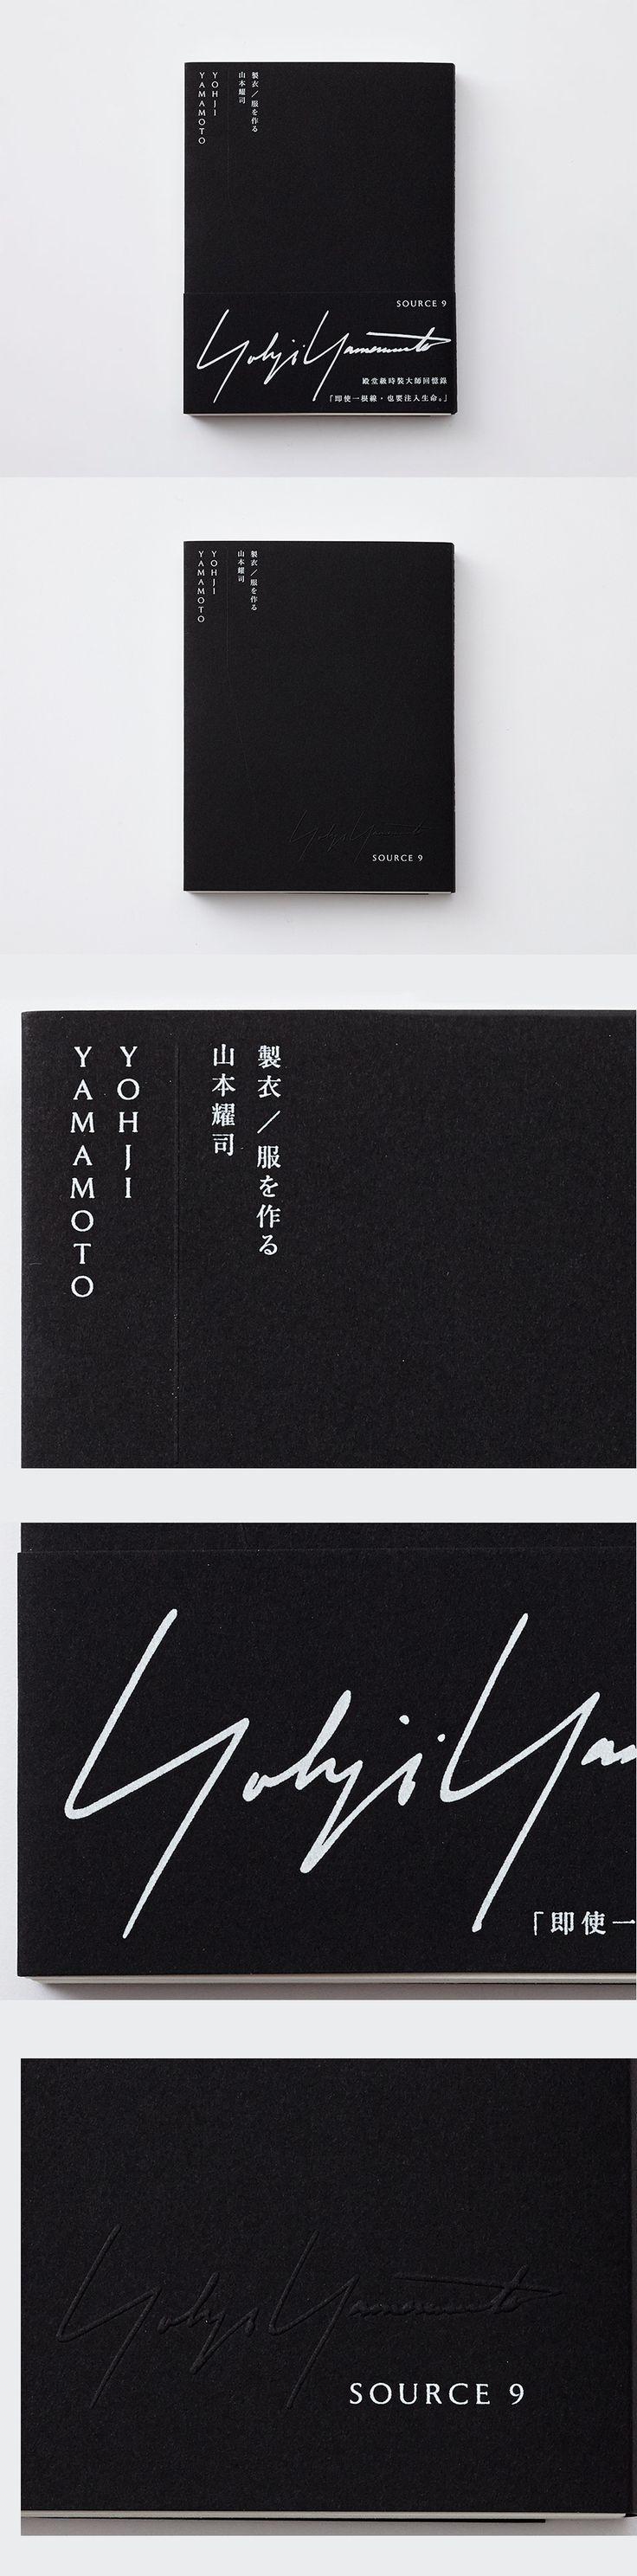 書籍設計:王志弘 - 山本耀司製衣